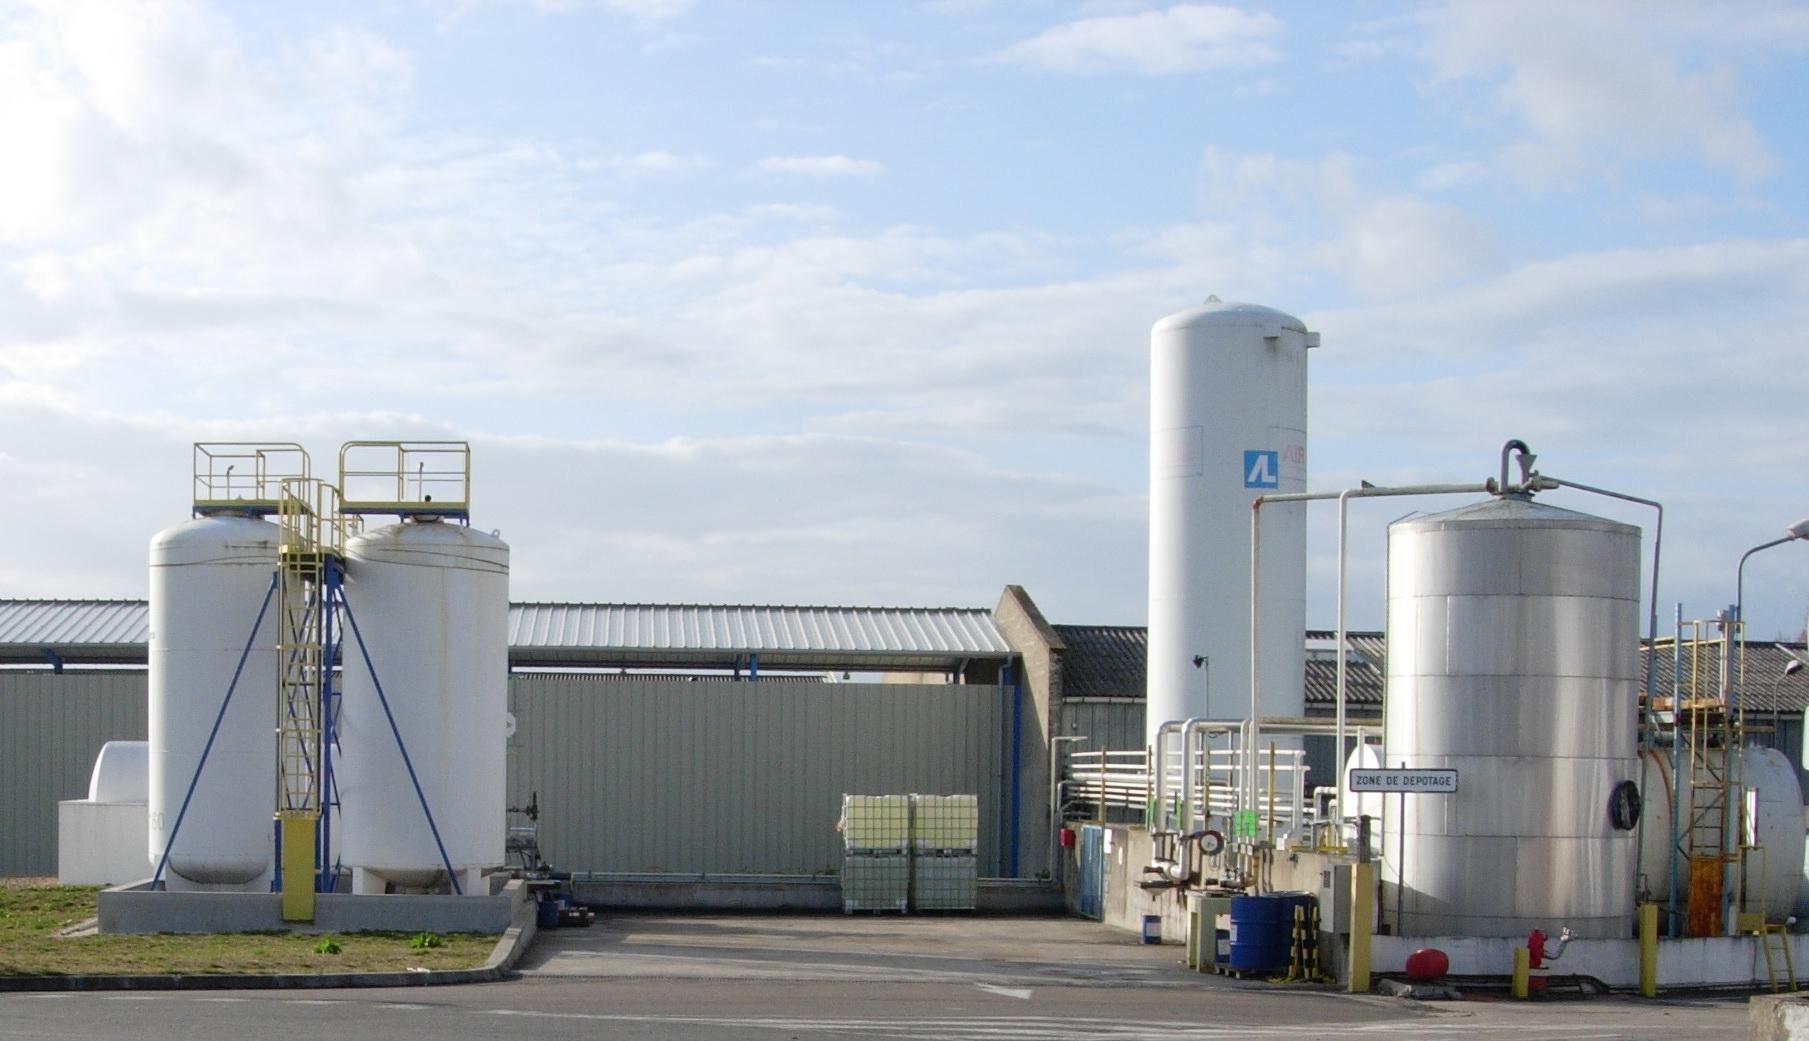 Industrial_storage_tanks.jpg